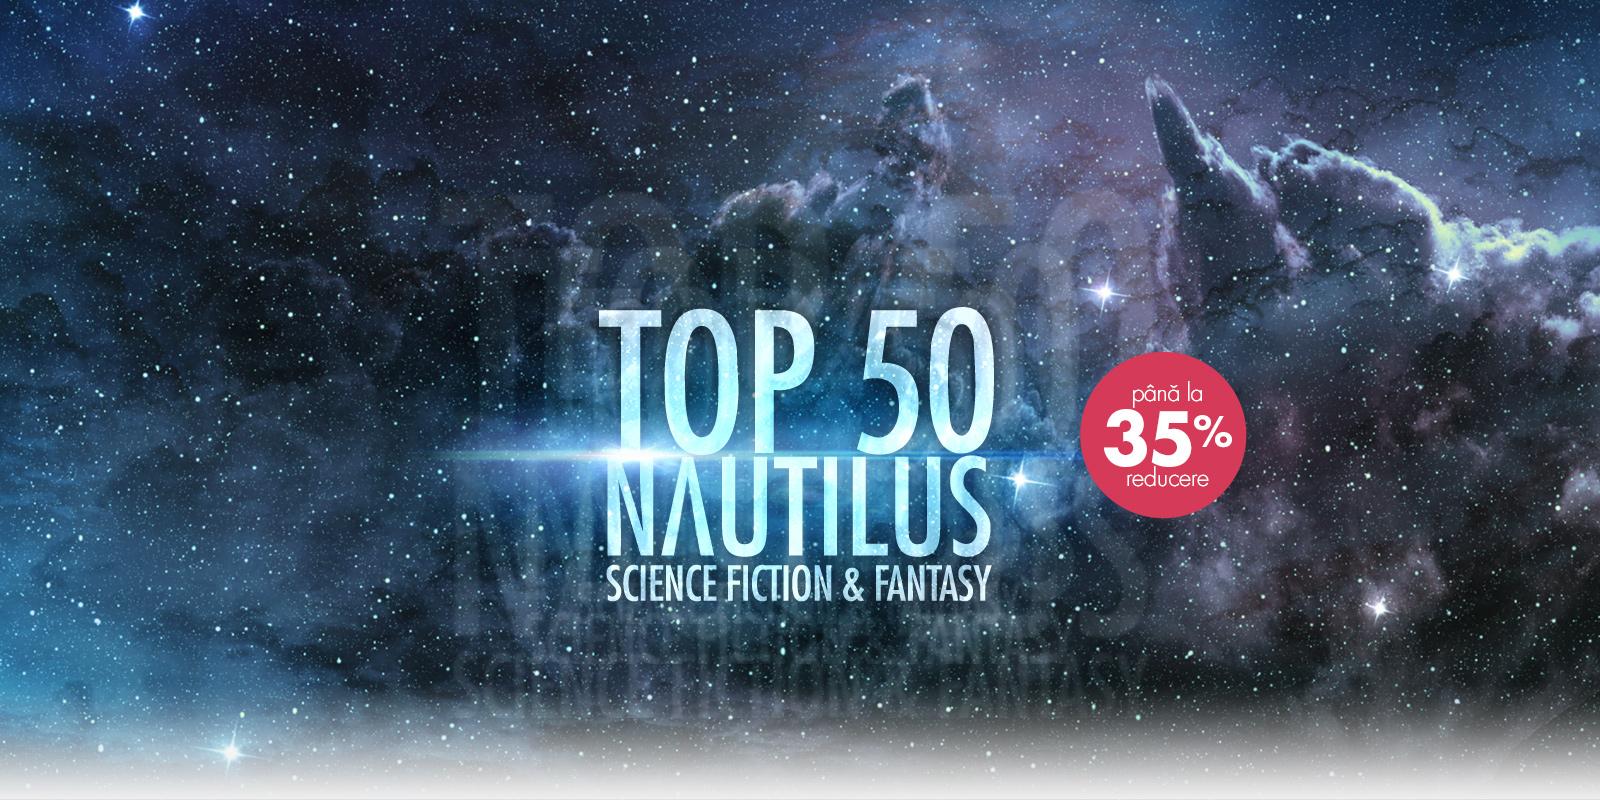 Top 50 Nautilus